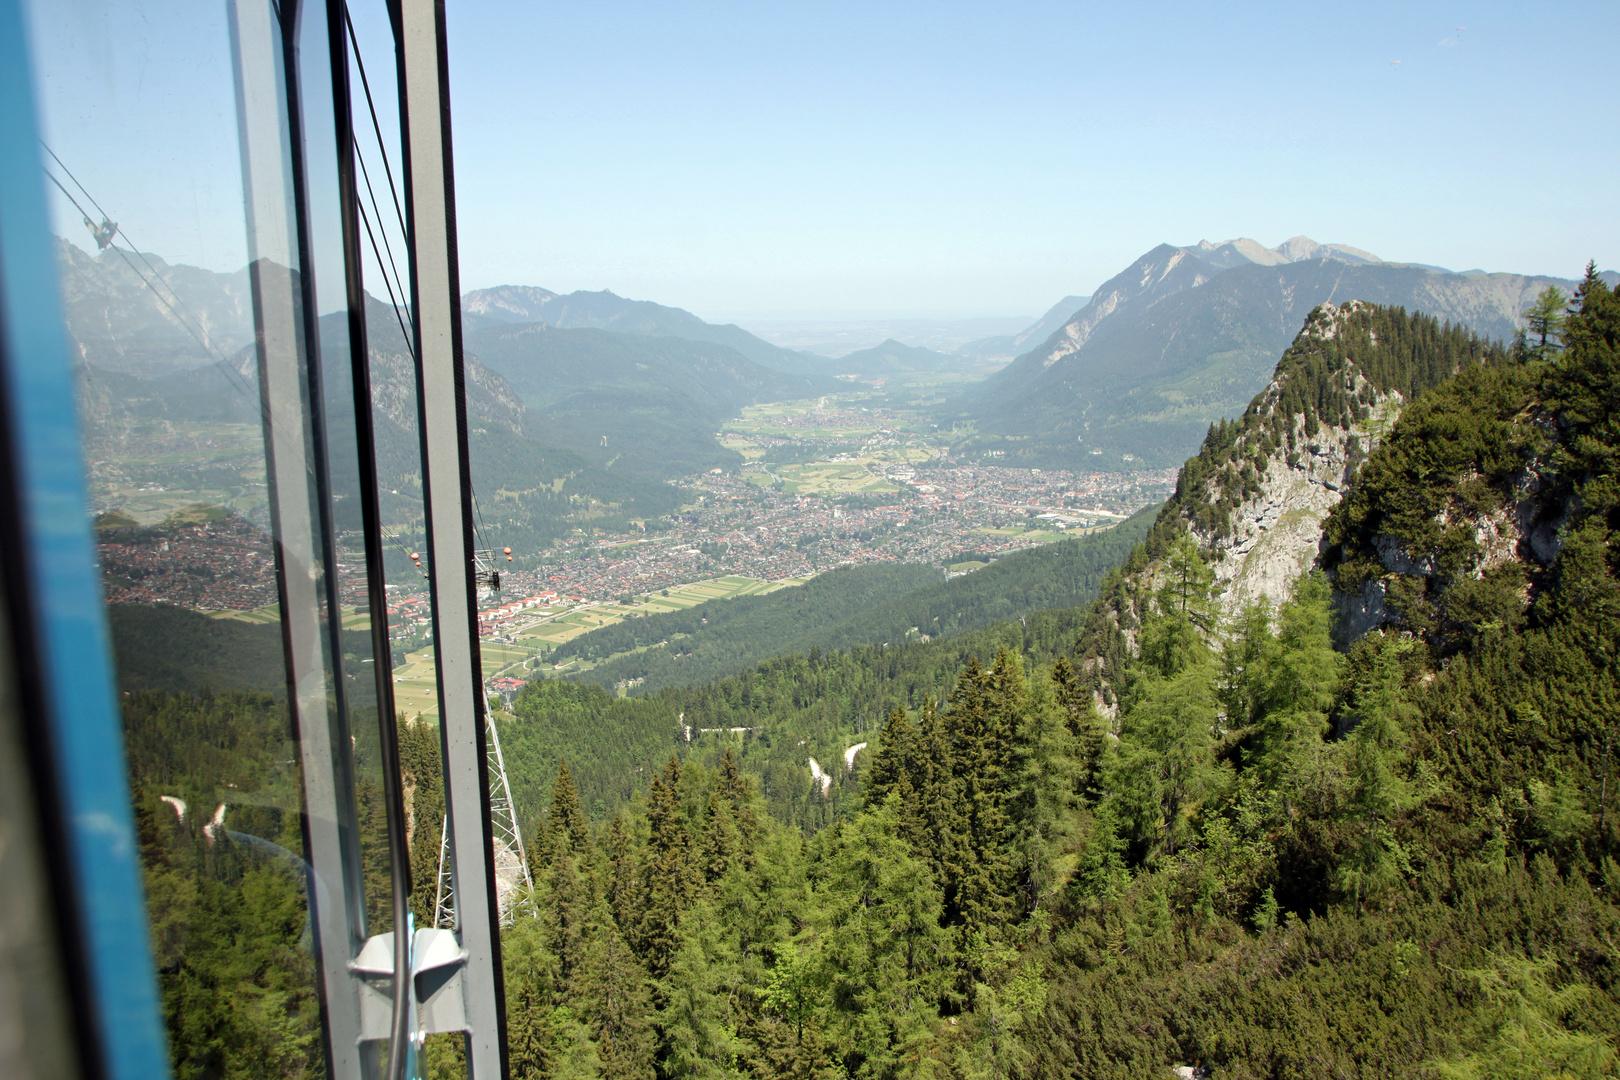 Seilbahnfahrt von Garmisch-Partenkirchen